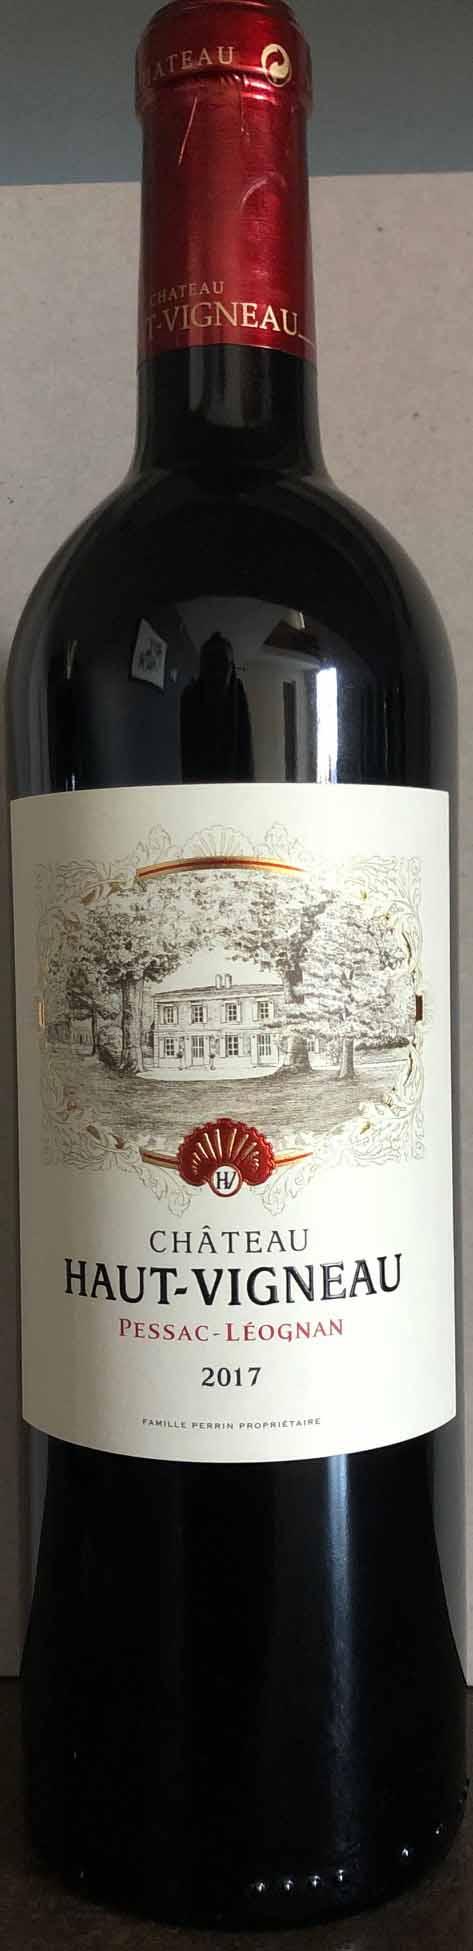 l-apprenti-sommelier-vins-pessac-leognan-chateau-haut-vigneau-bouteille-rouge